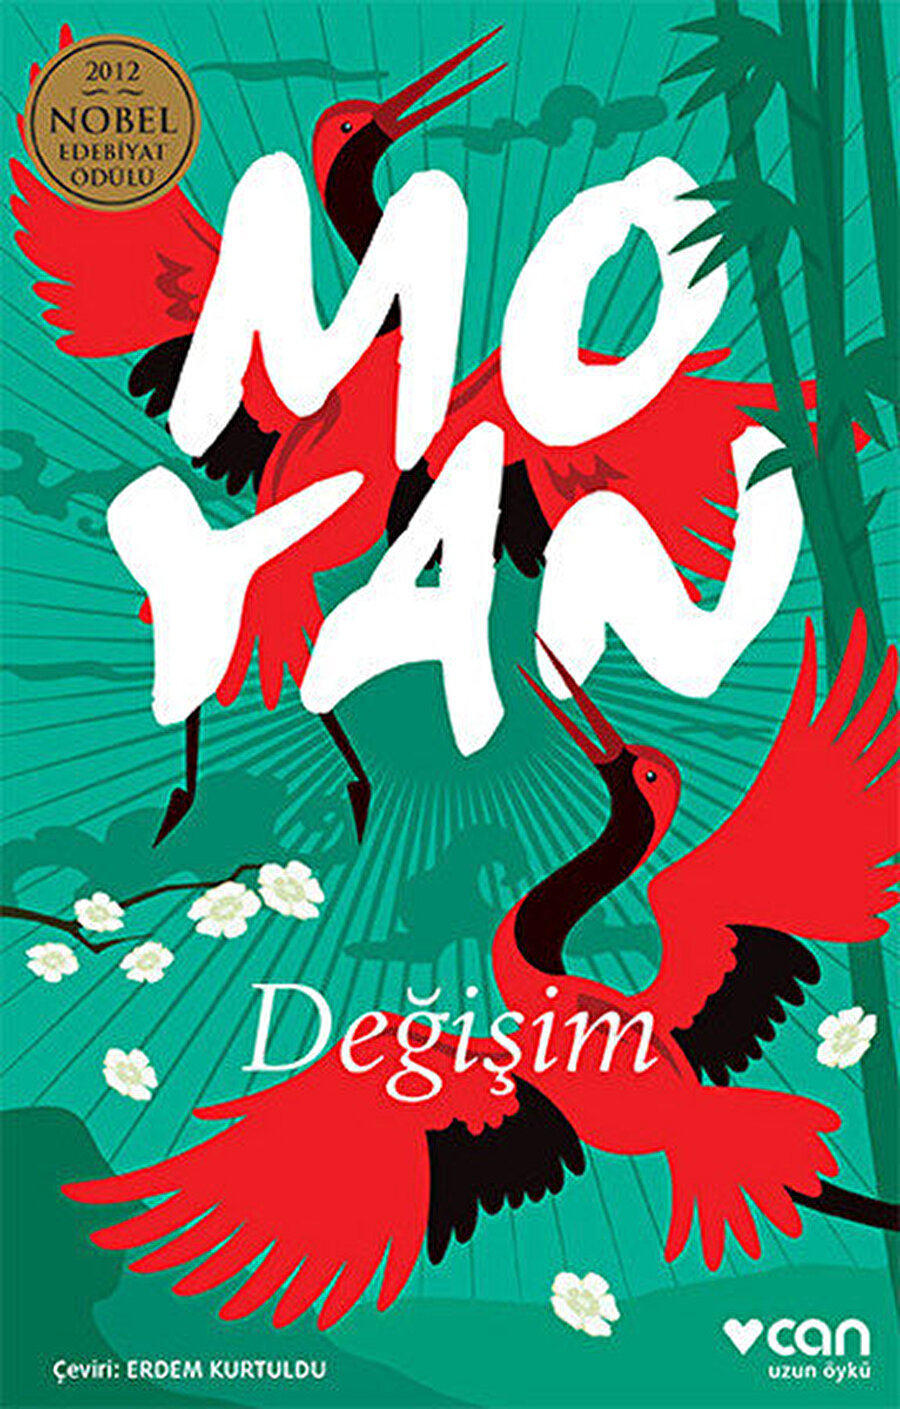 Nobel Ödüllü yazar Mo Yan'ın uzun öyküsü Değişim.